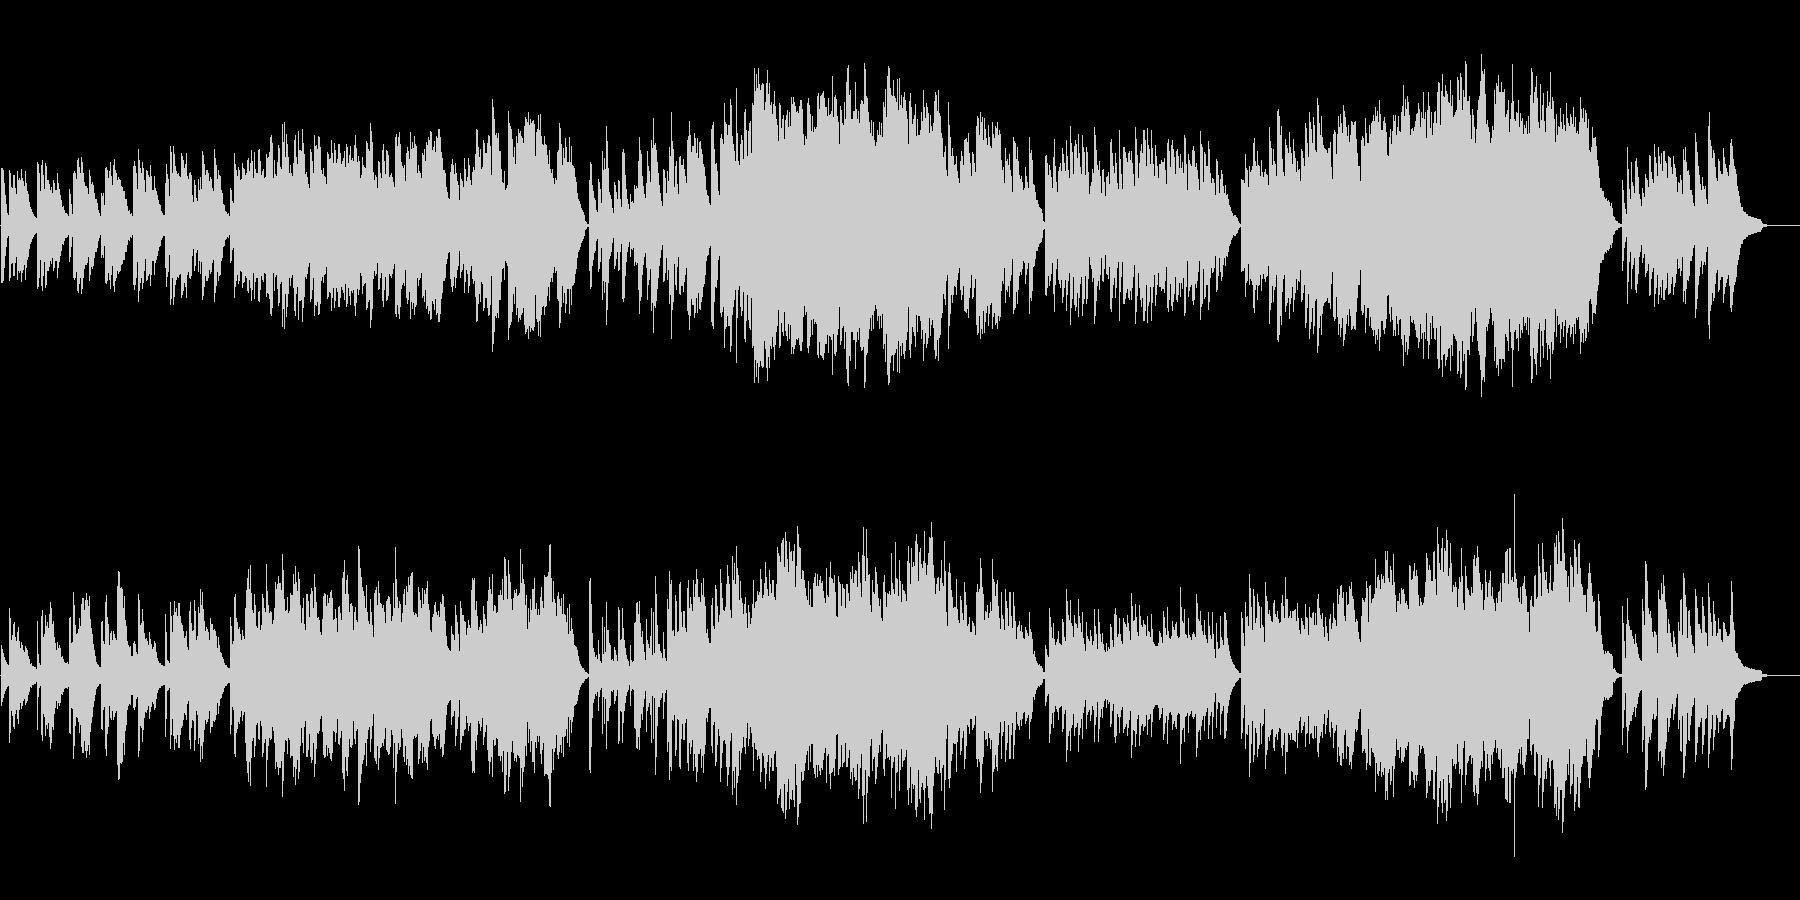 感動的なピアノソロによるバラードの未再生の波形